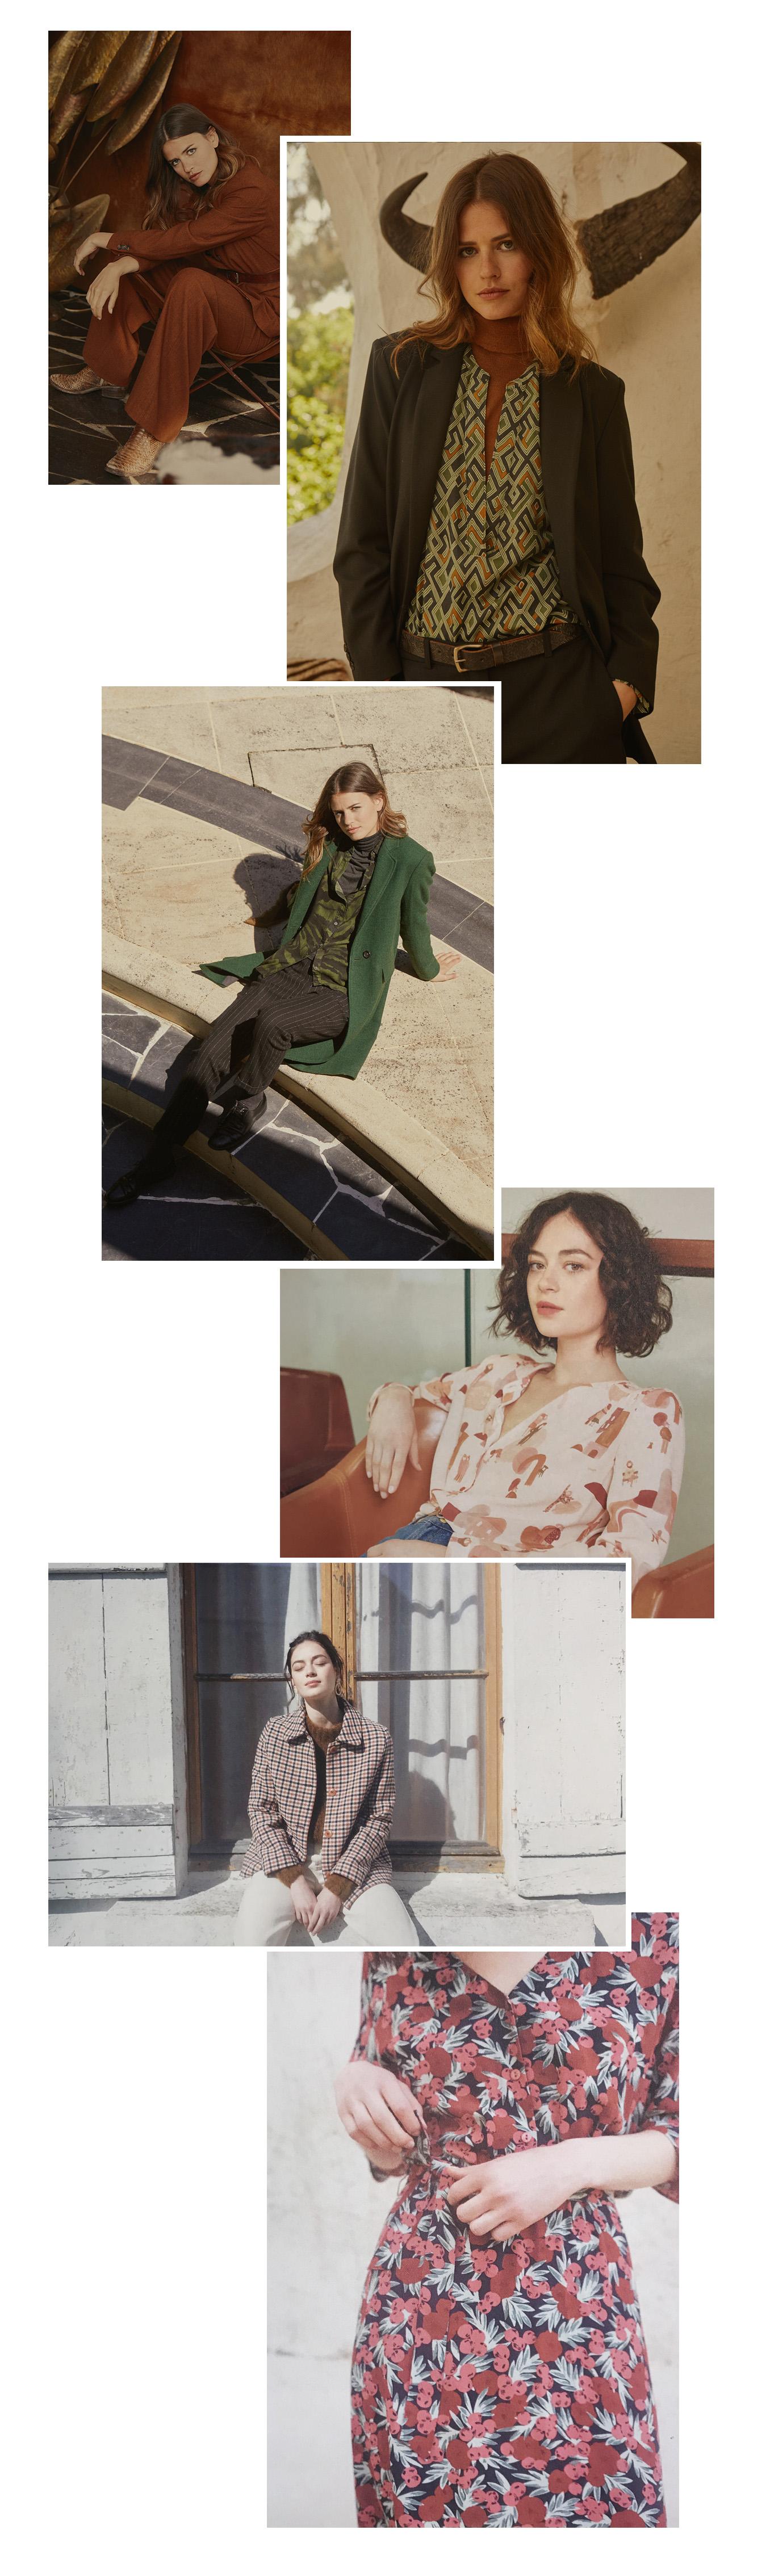 nouvelle collection Printemps-Été 2018